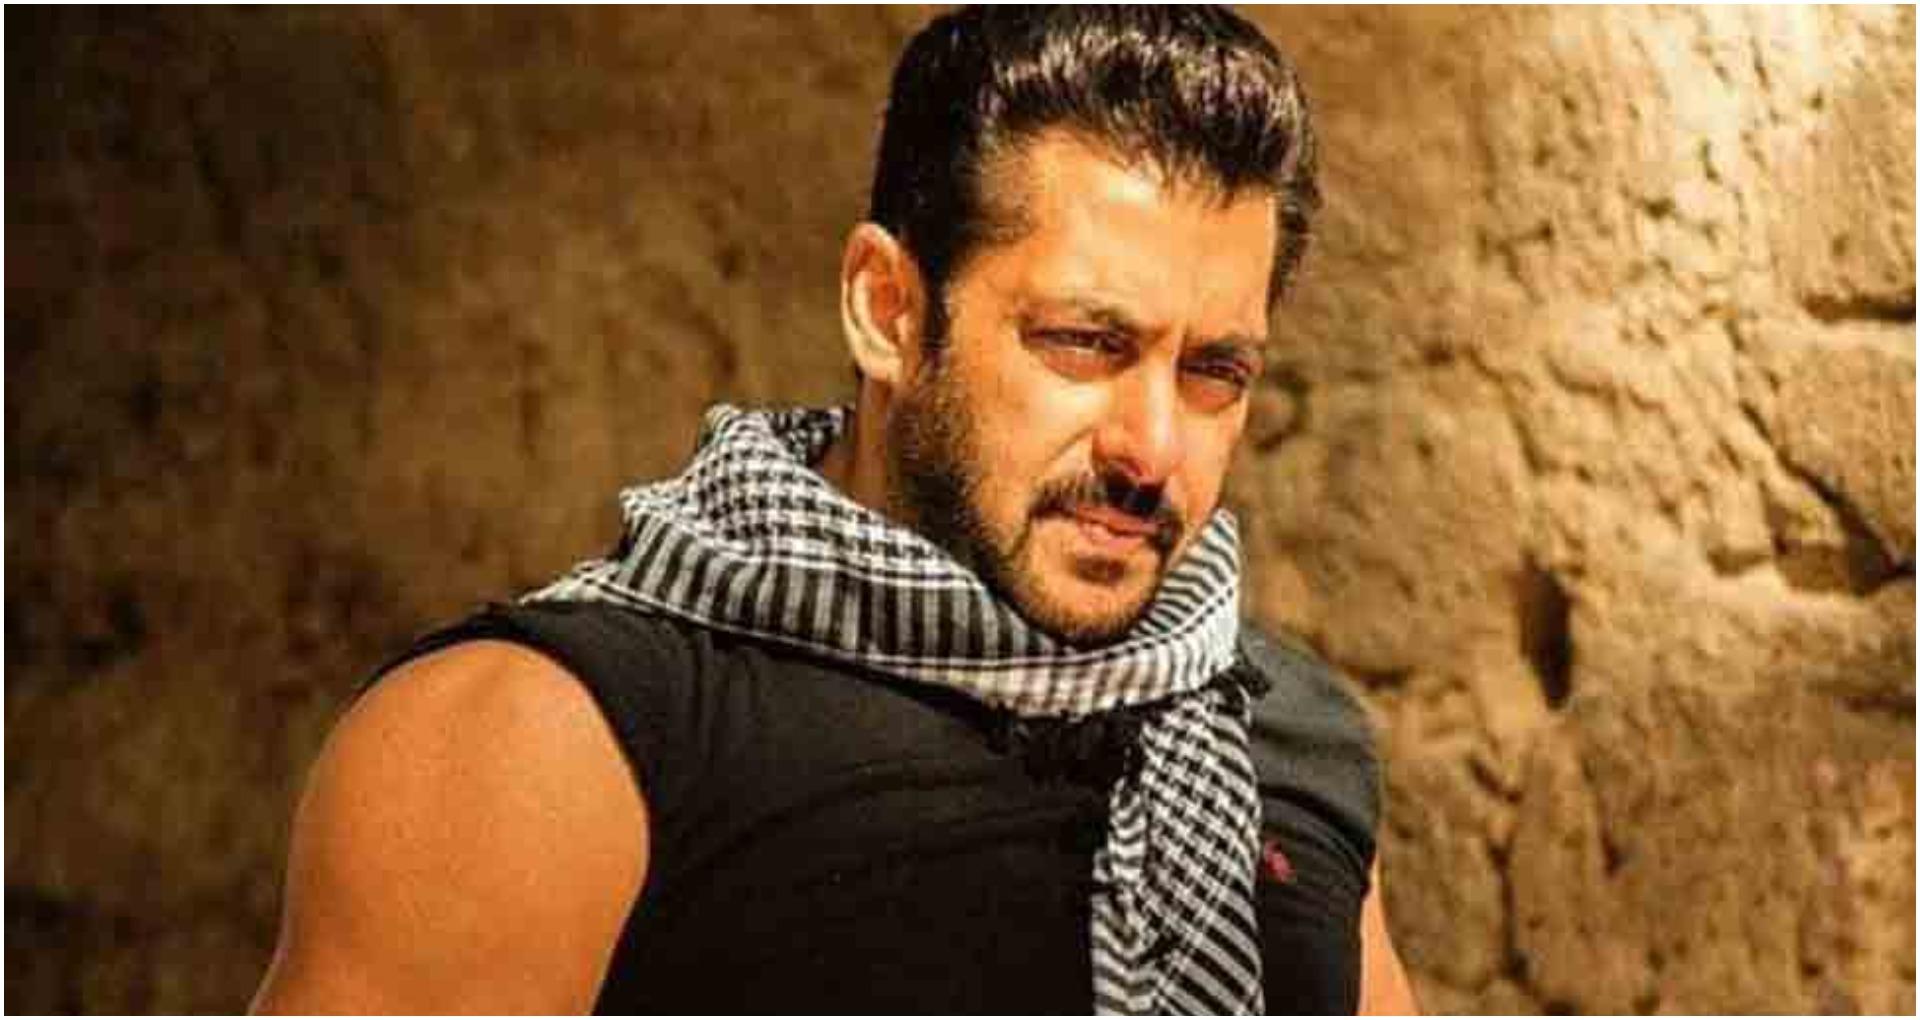 सलमान खान को इस एक्टर ने दिया 'सल्लू' नाम, सलमान ने खुद खोला राज़, देखें Video